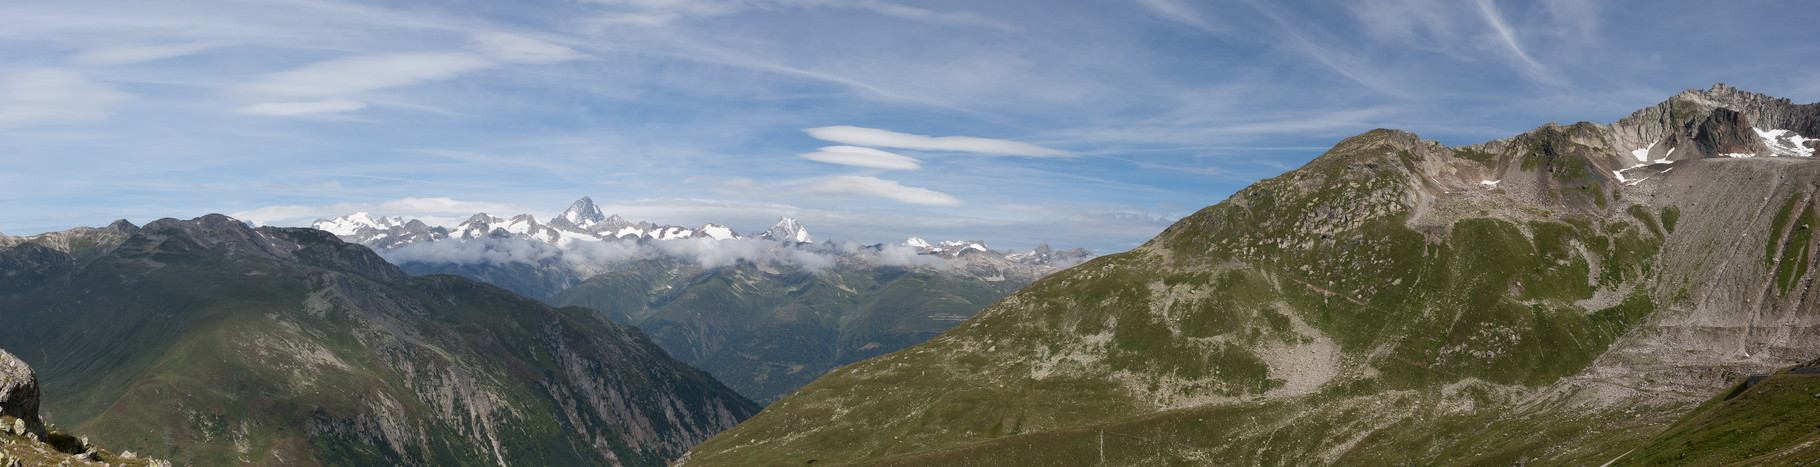 Nufenenpas - Zwitserland